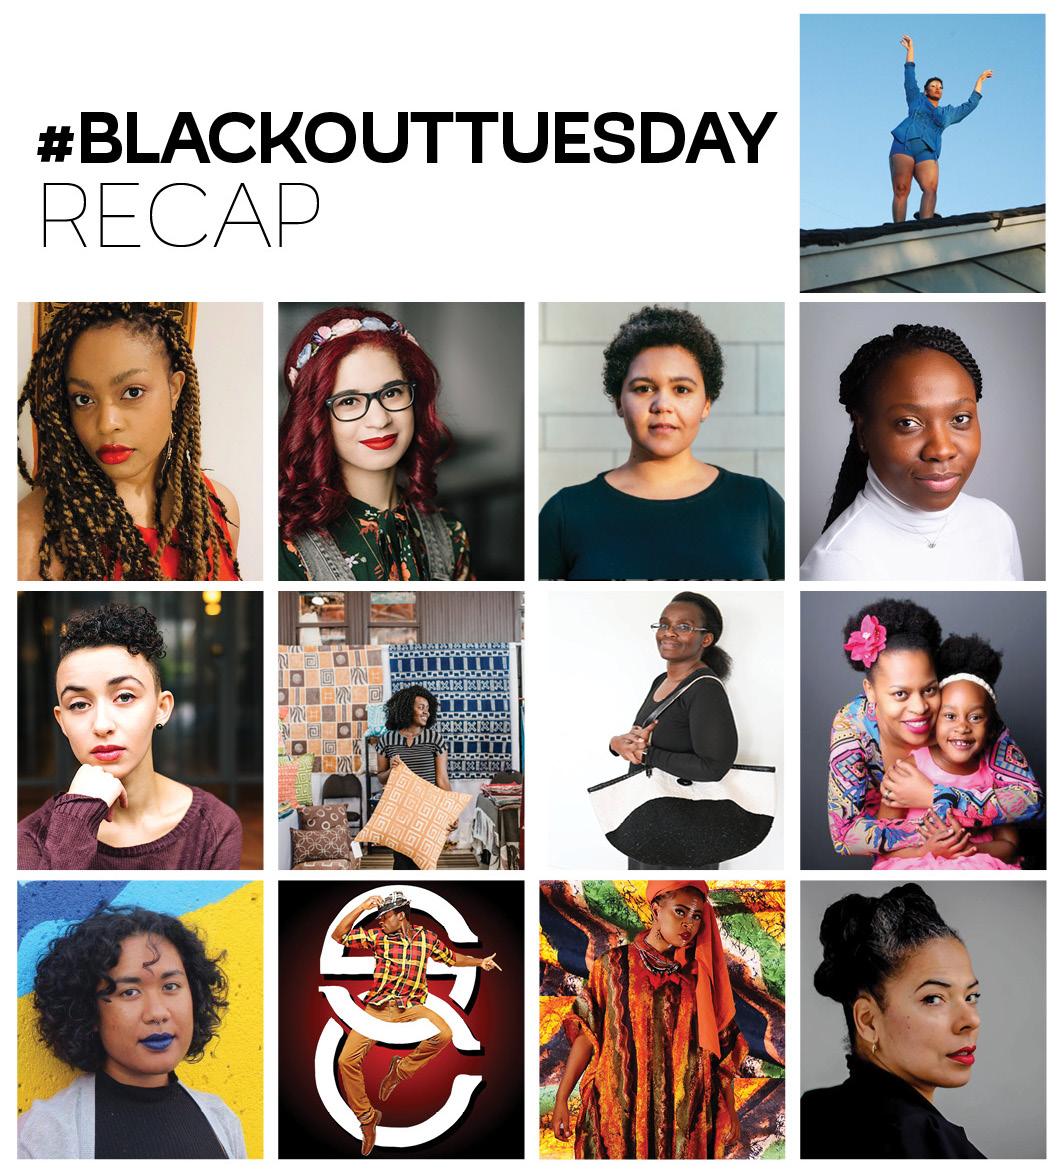 BlackOutTuesdayRECAP